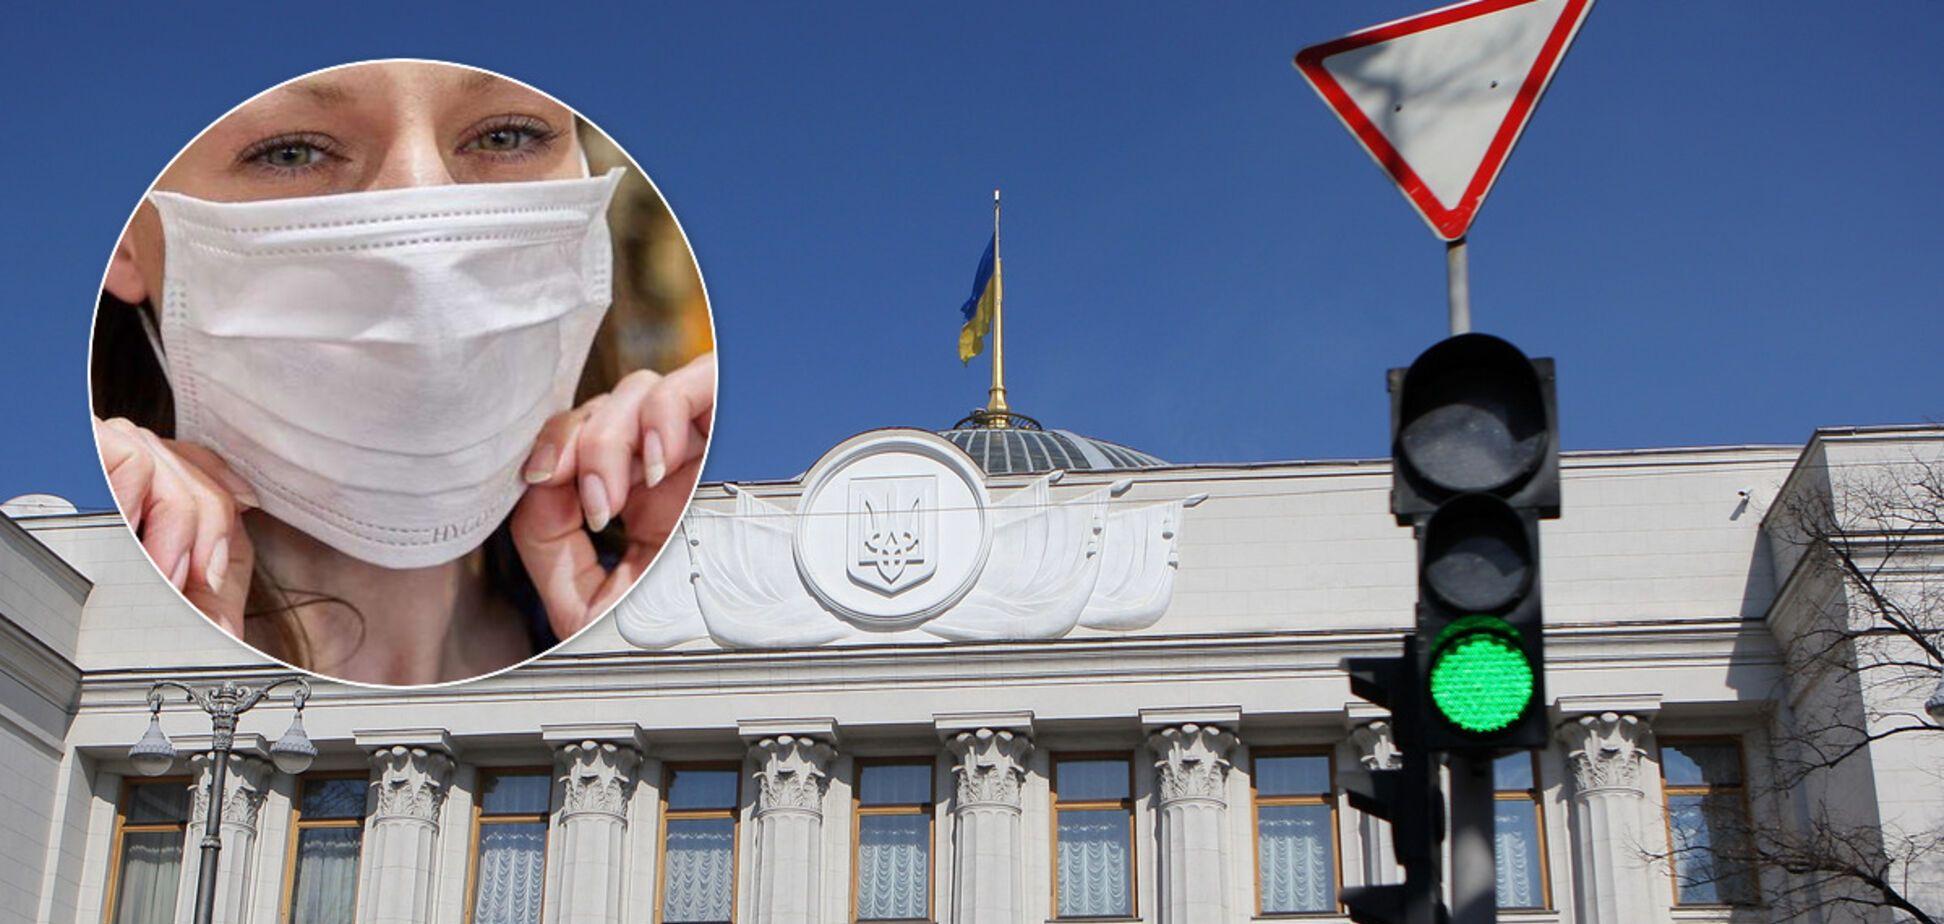 На кону дефолт, ЧП и коронавирус: что происходит в Раде и спасет ли она Украину